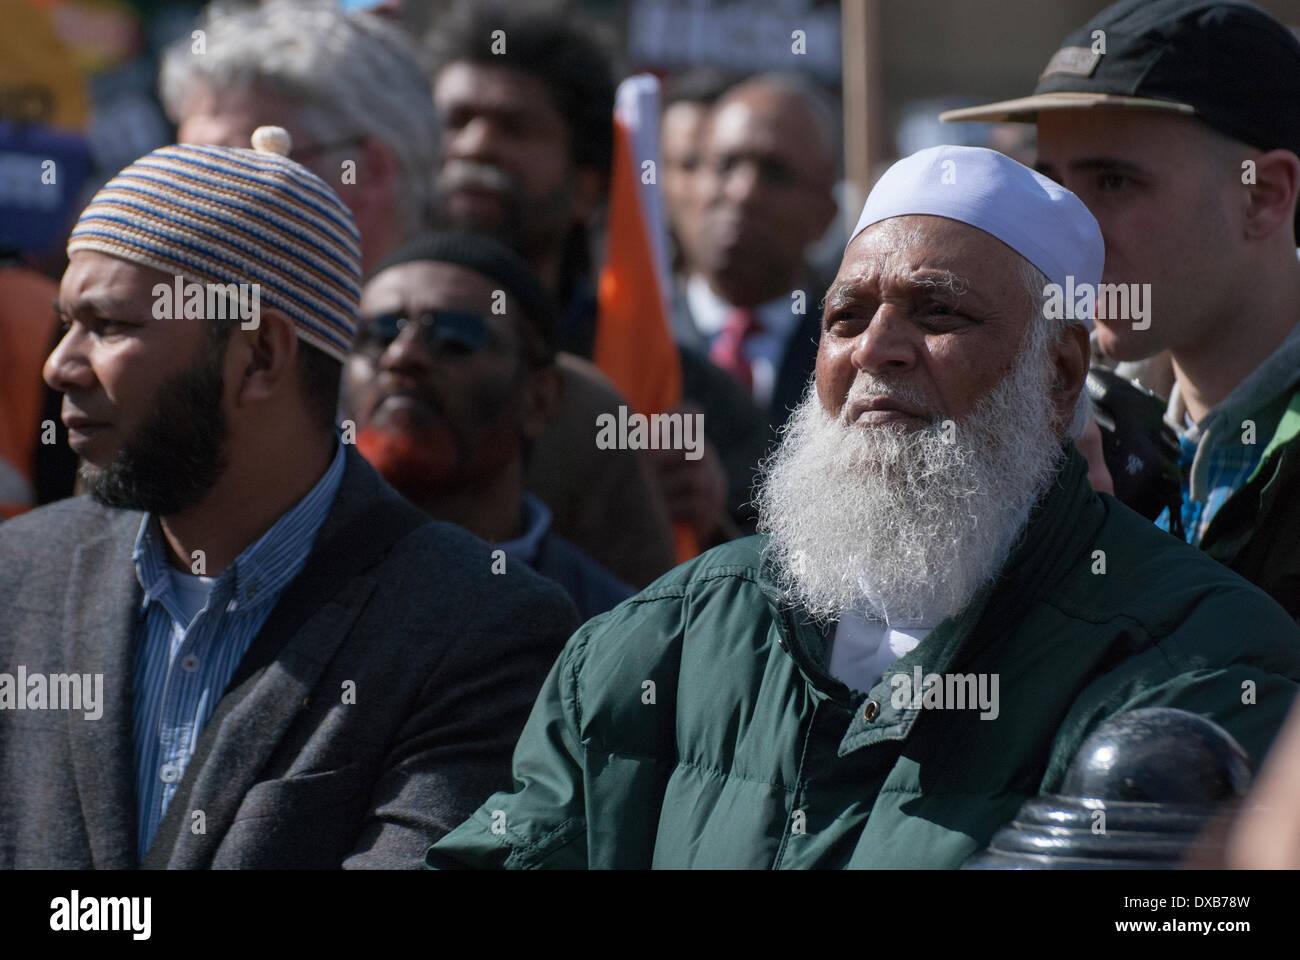 Londres, Reino Unido. El 22 de marzo de 2014. Las personas reunidas para el rallye de antirracismo escuchar a oradores en la londinense Trafalgar Square. Crédito: Peter Manning/Alamy Live News Imagen De Stock